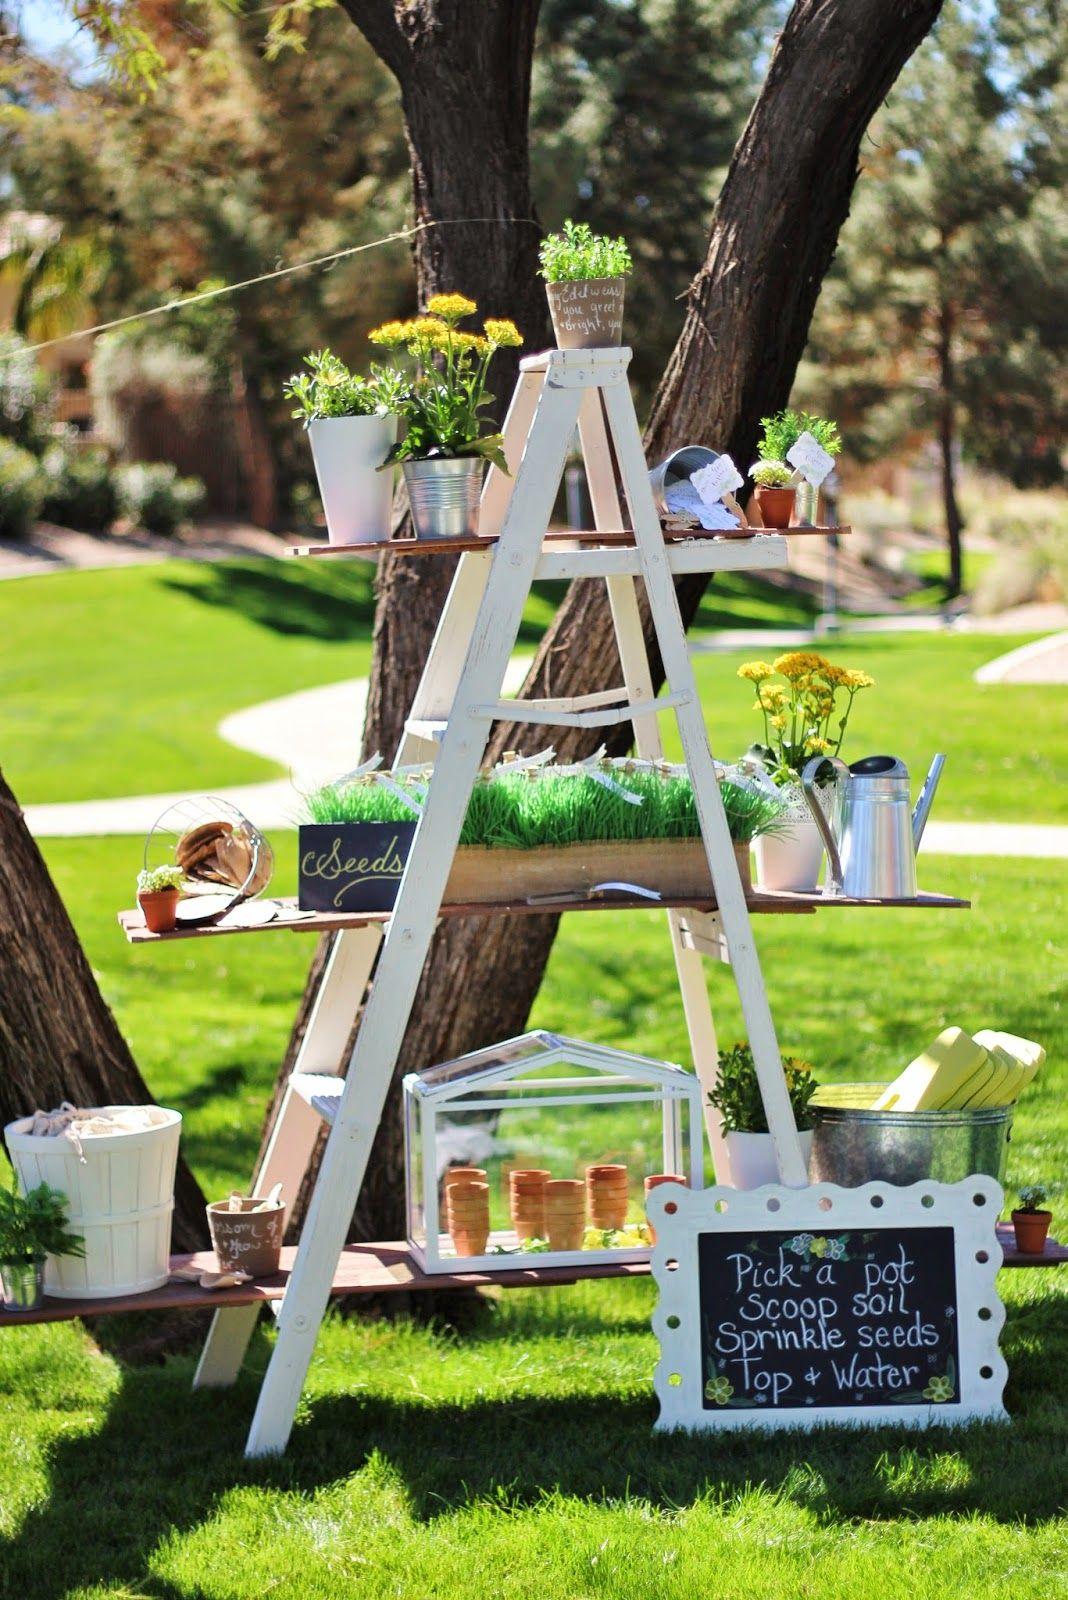 nice garden party | Party ideas | Pinterest | Gardens